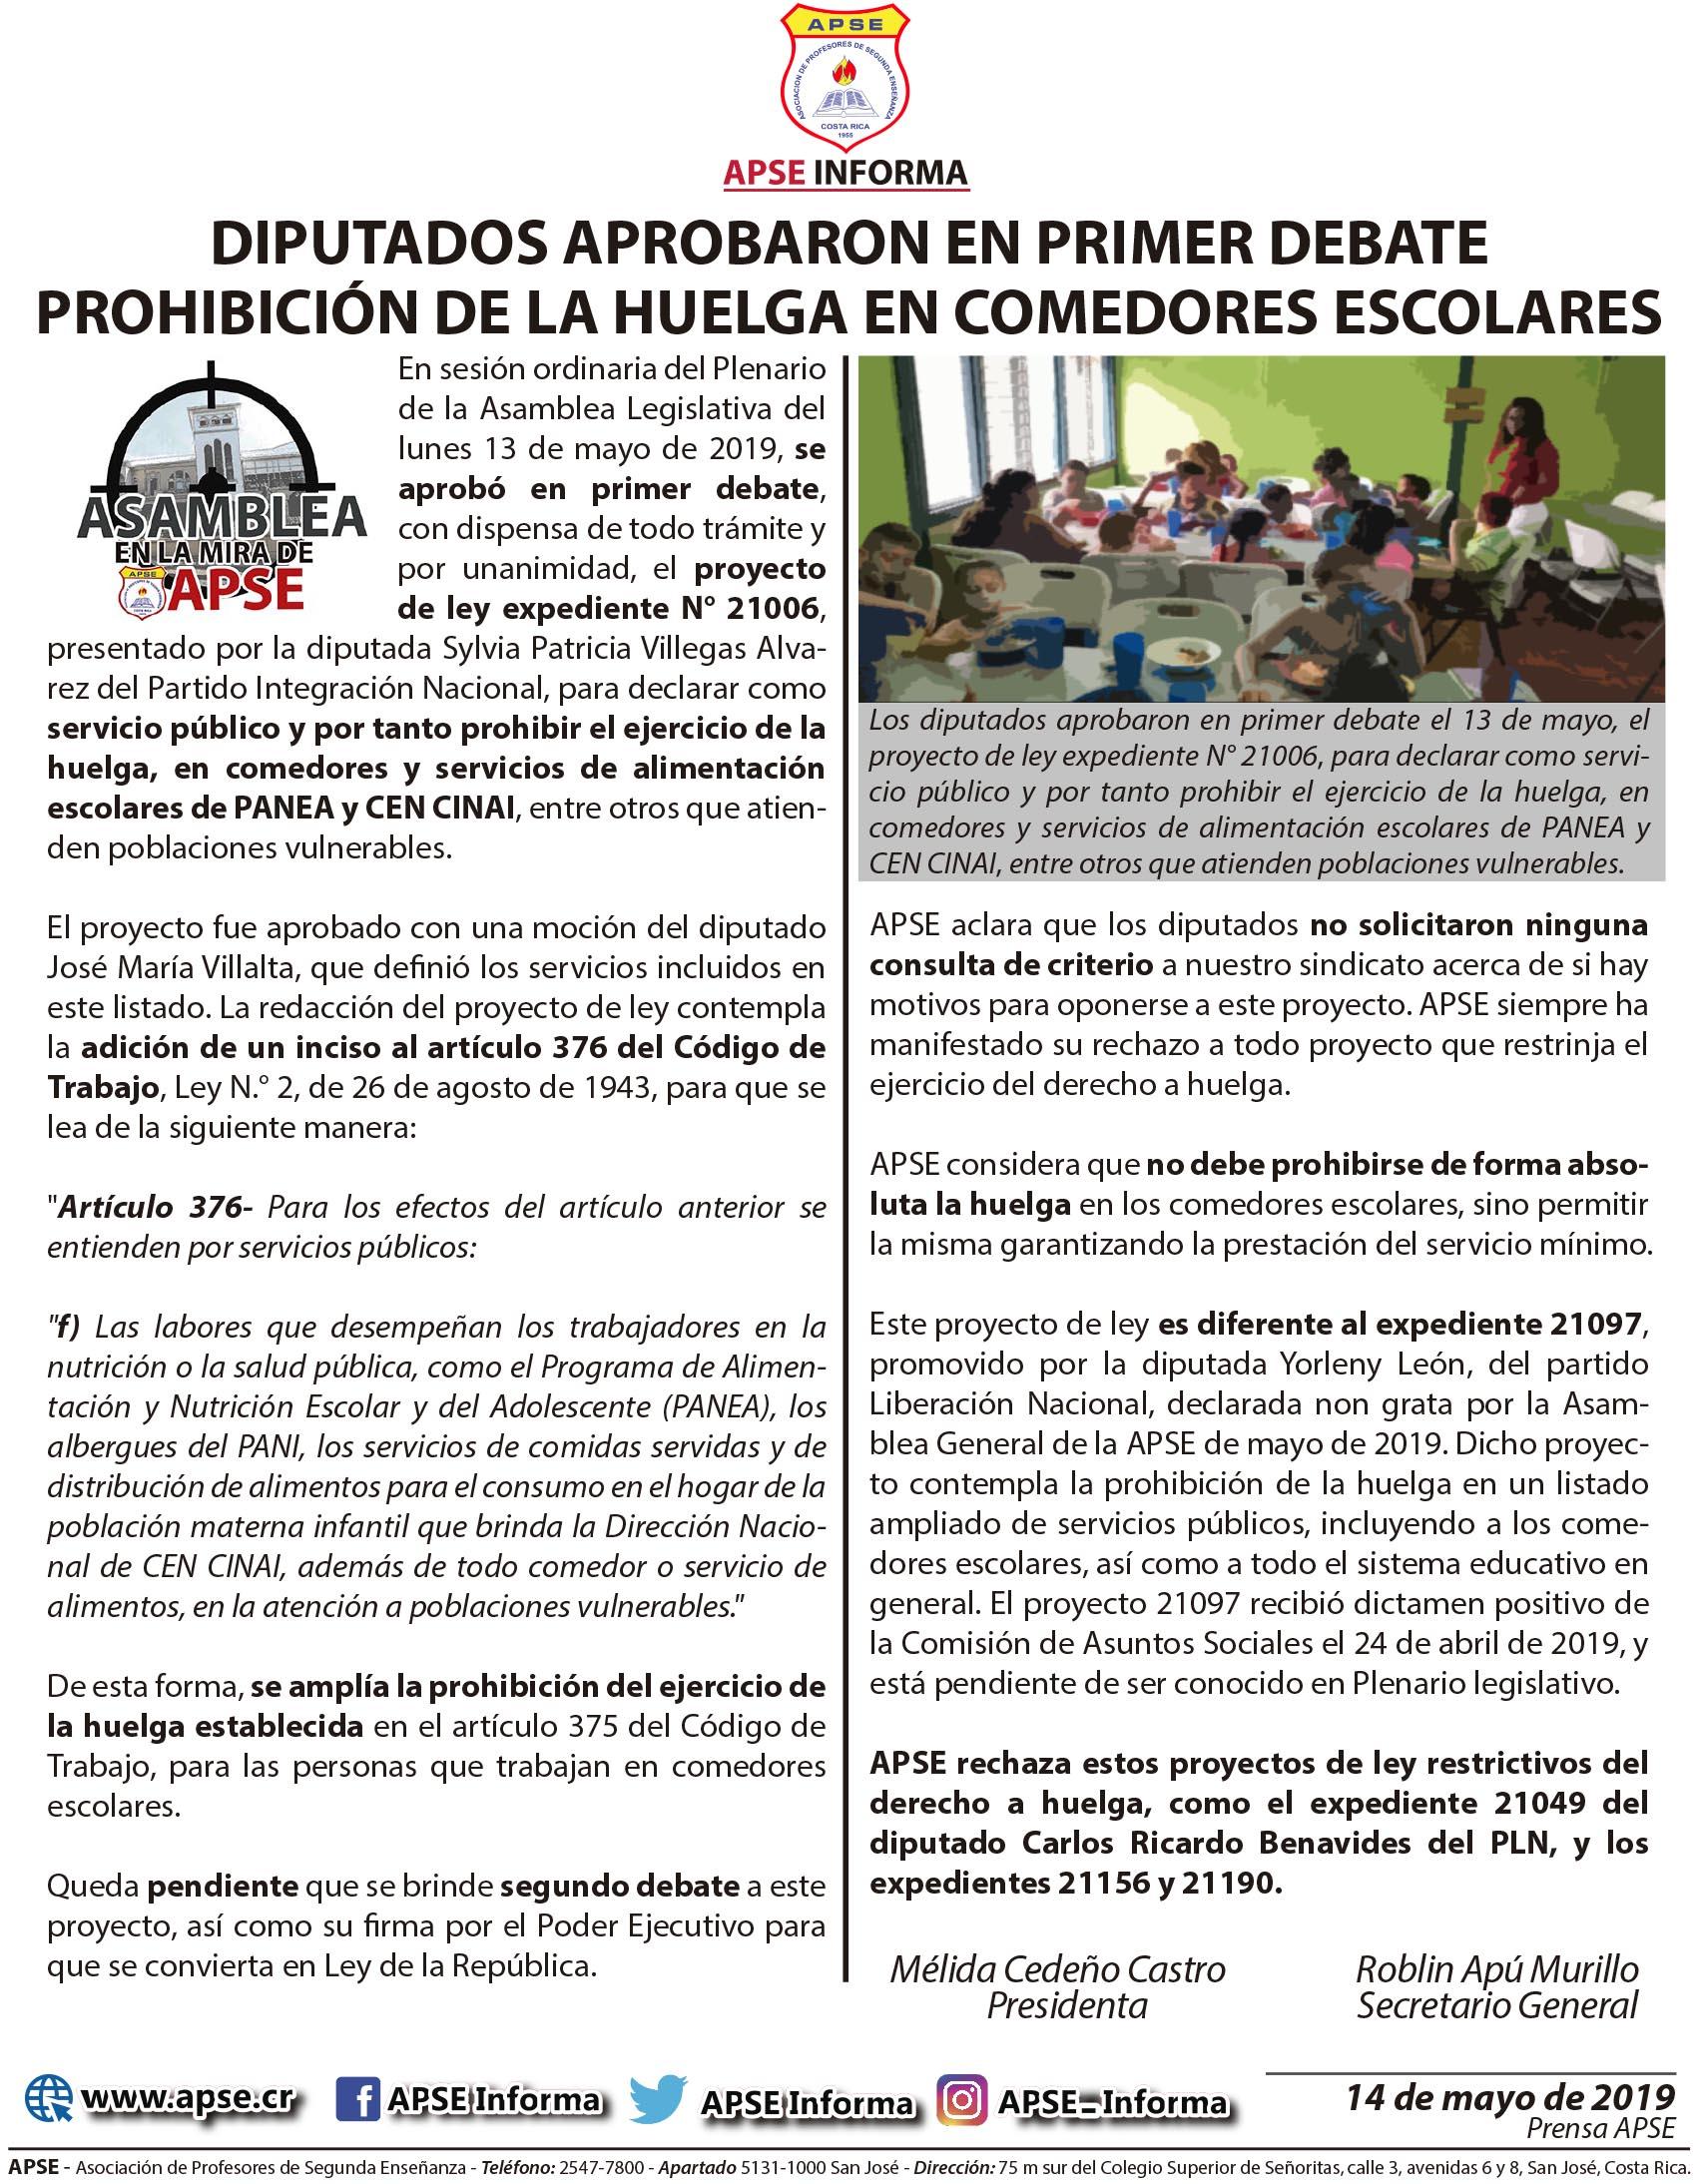 DIPUTADOS APROBARON EN PRIMER DEBATE PROHIBICIÓN DE LA HUELGA EN COMEDORES ESCOLARES